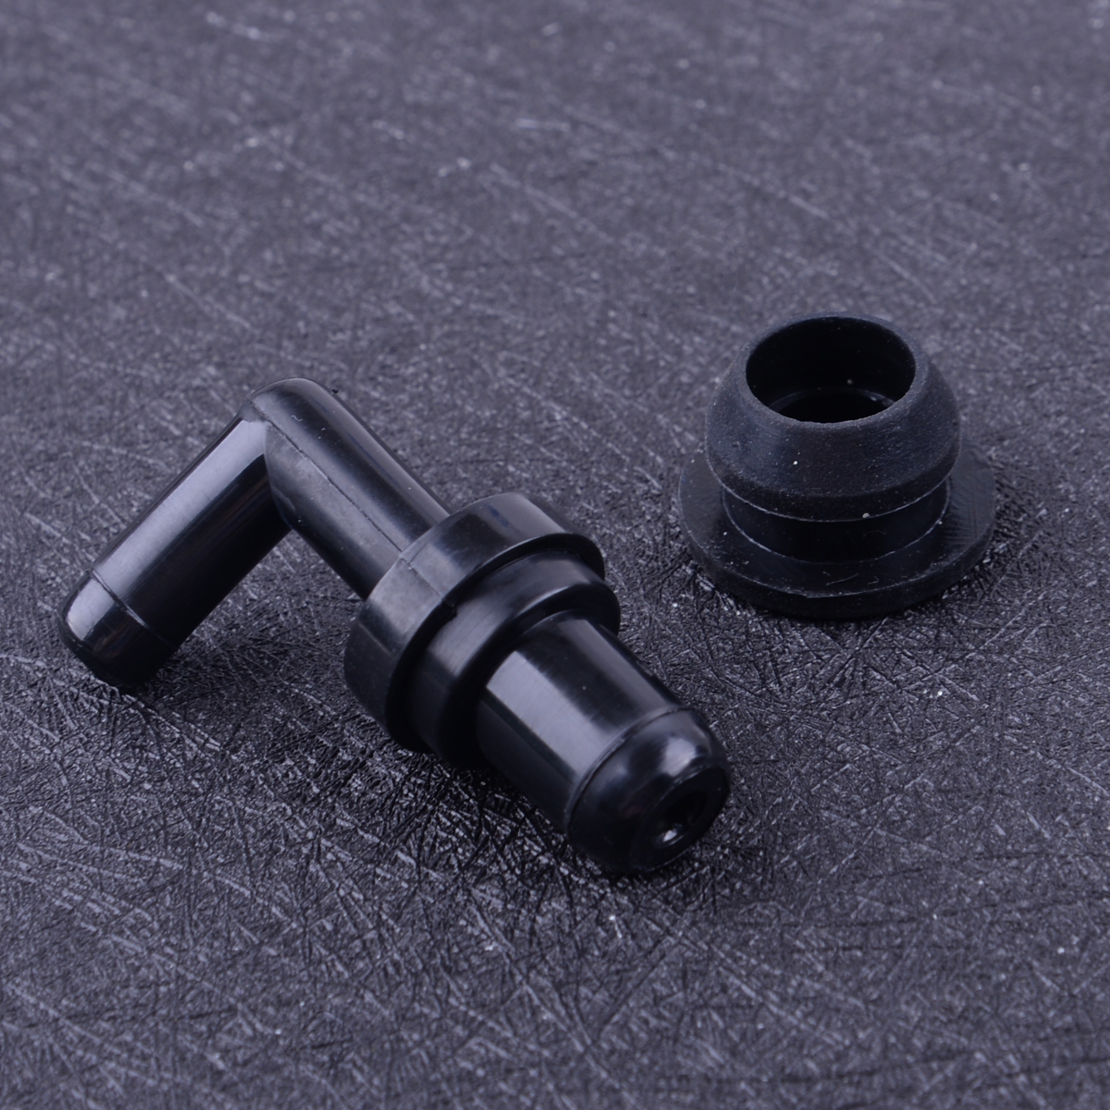 90° PCV Valve Grommet Fittings Kit For Honda Accord Prelude CL Acura NSX RL MDX